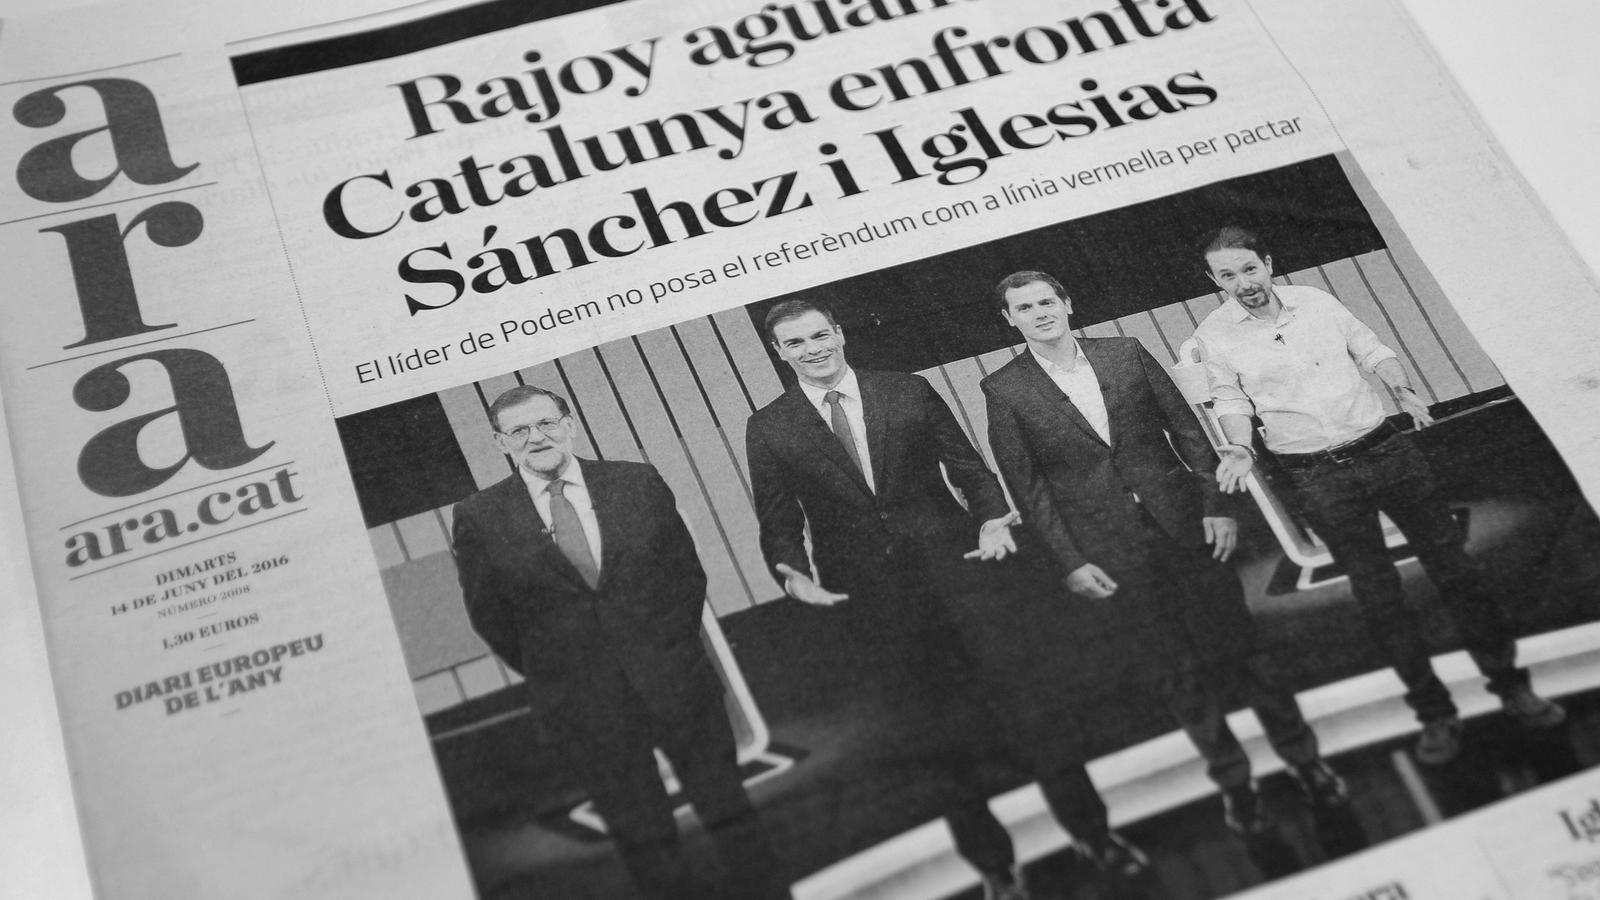 L'anàlisi d'Antoni Bassas: 'Iglesias: el referèndum ja no és condició'